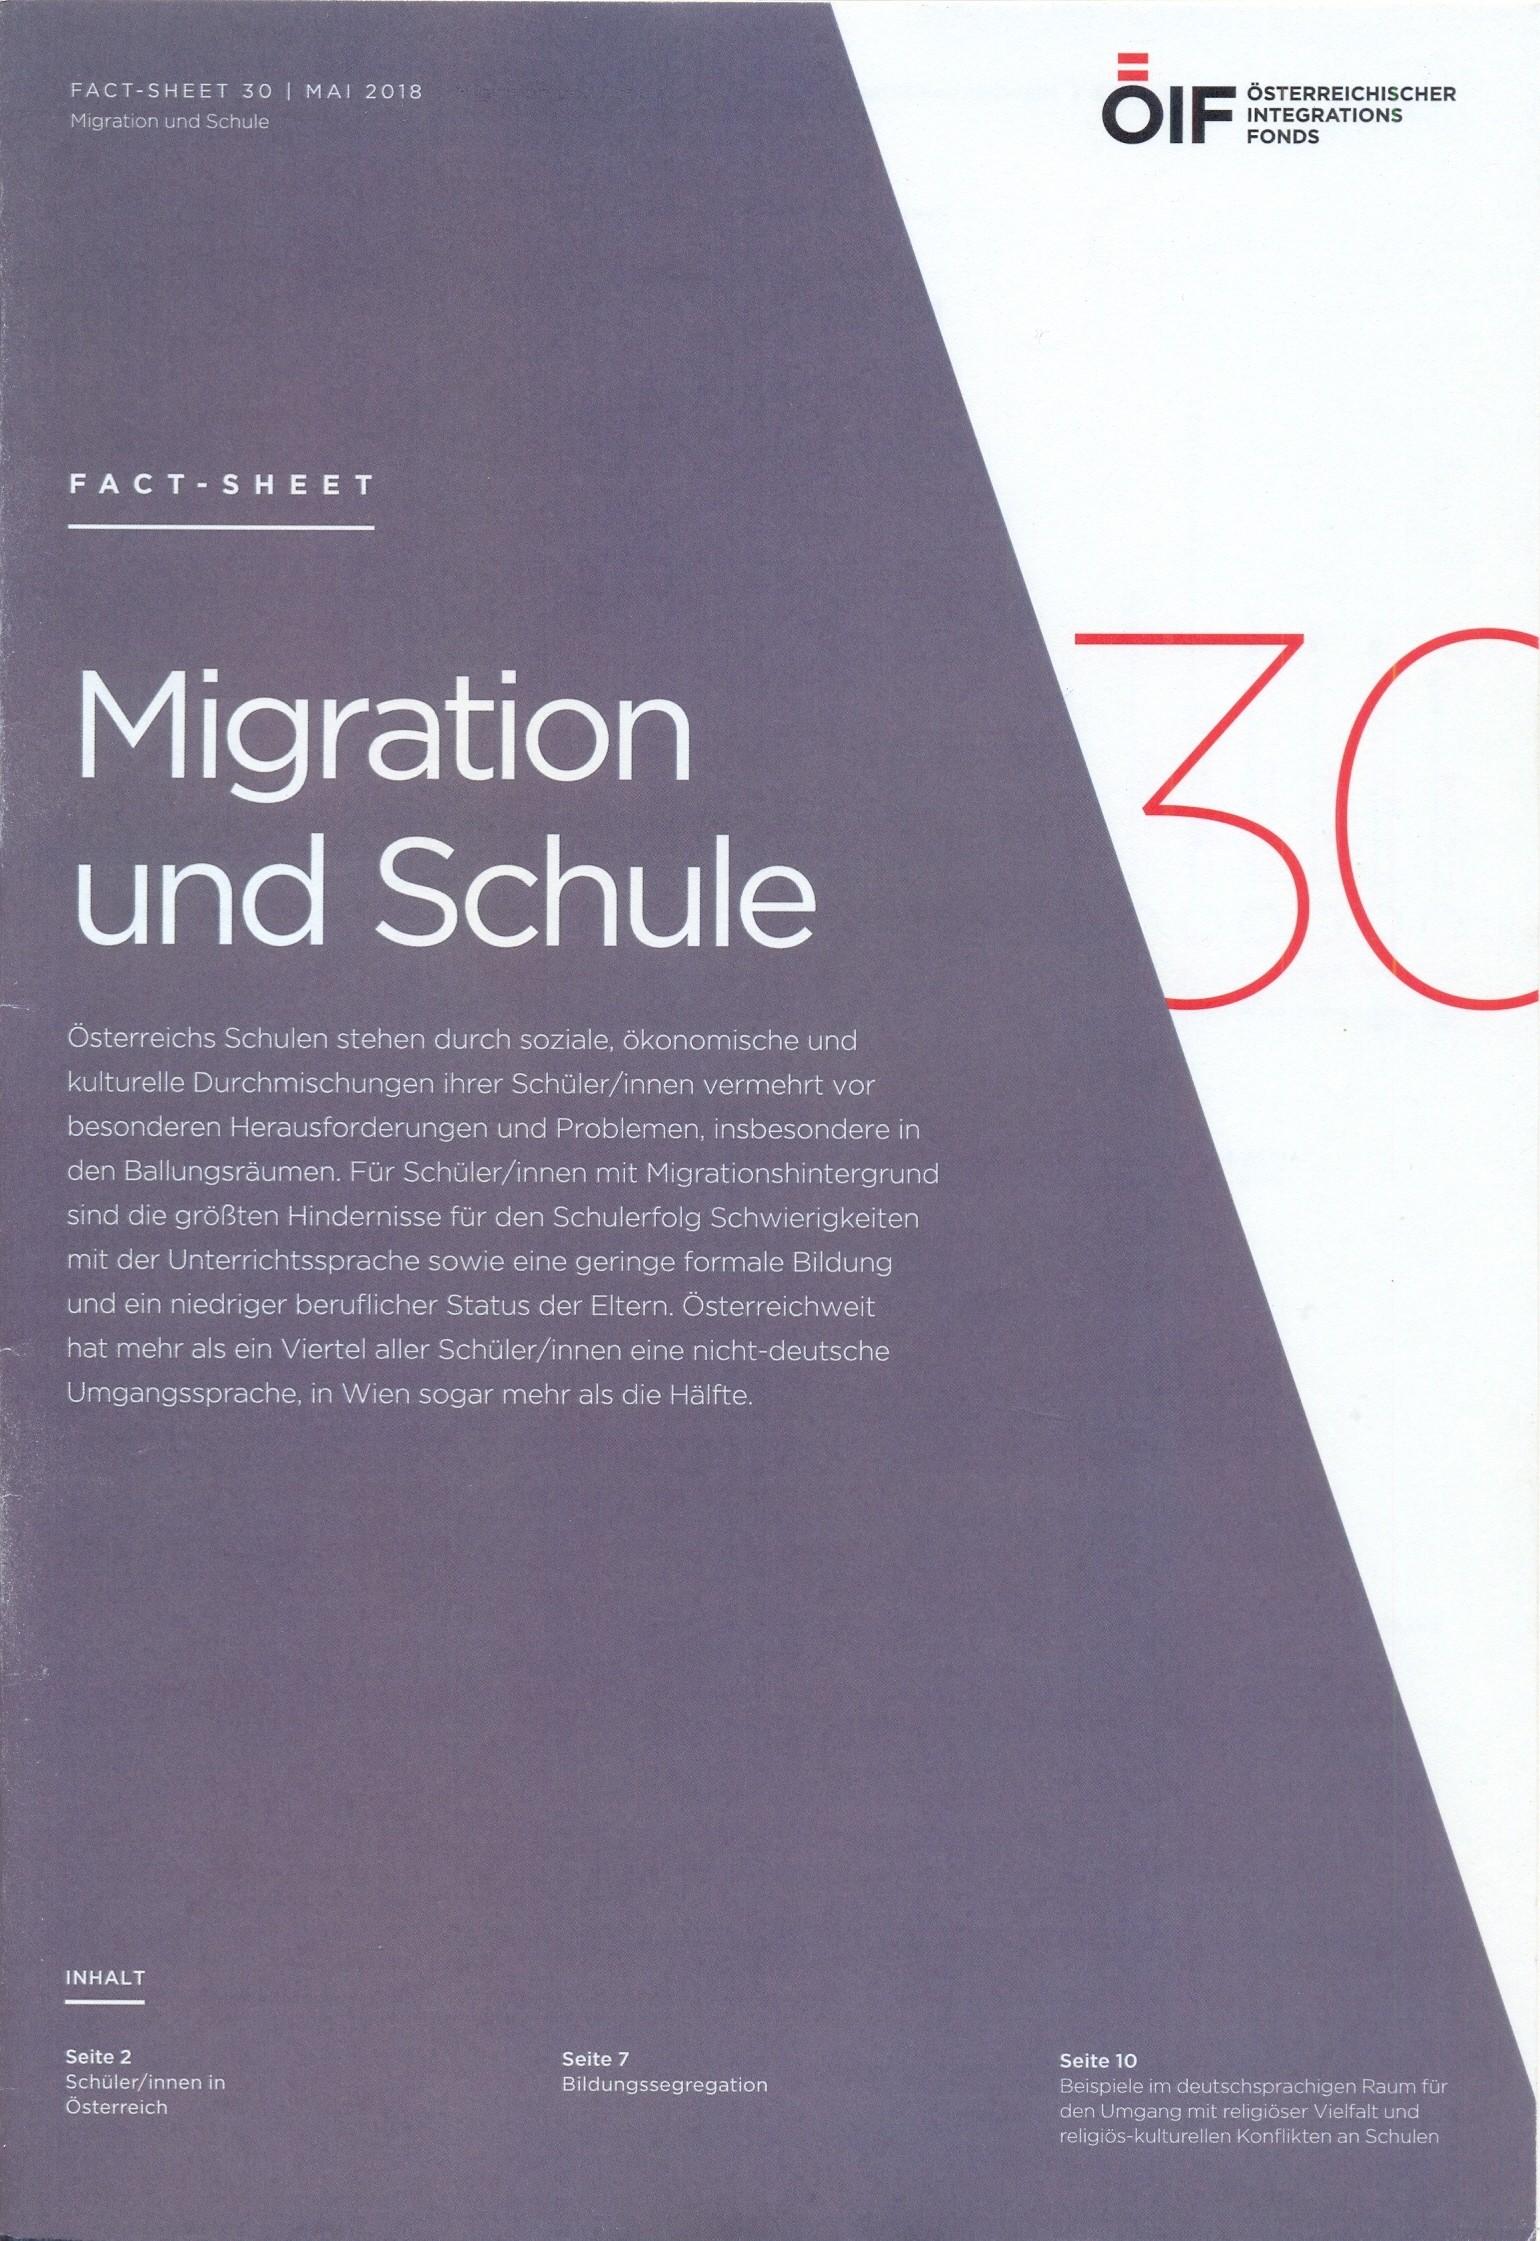 Migration und Schule Fact-Sheet 30